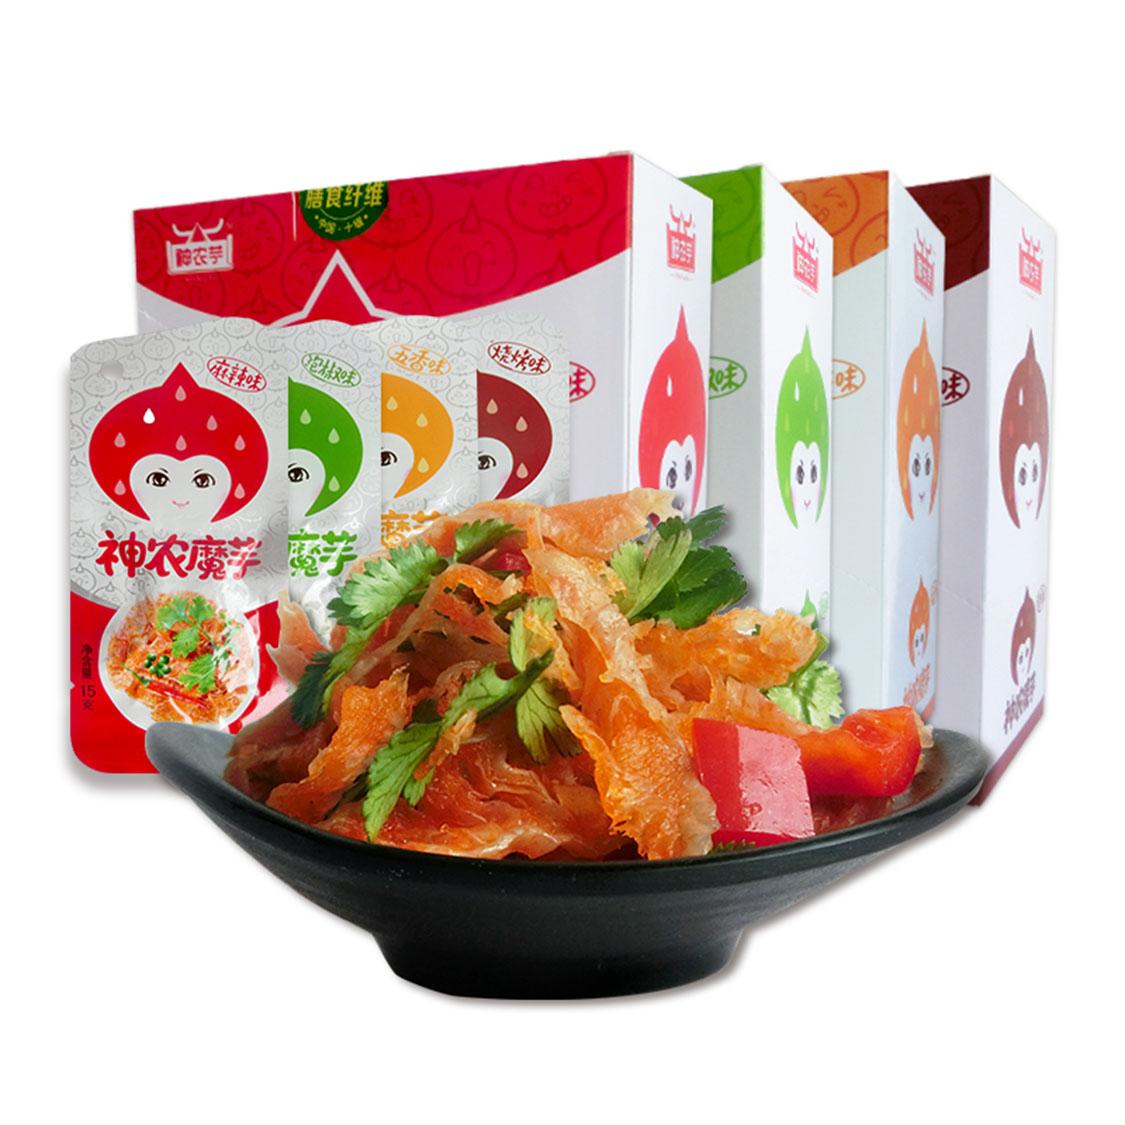 神农芋湖北特产300g雪魔芋爽休闲怀旧小吃膳食纤维素肉网红零食